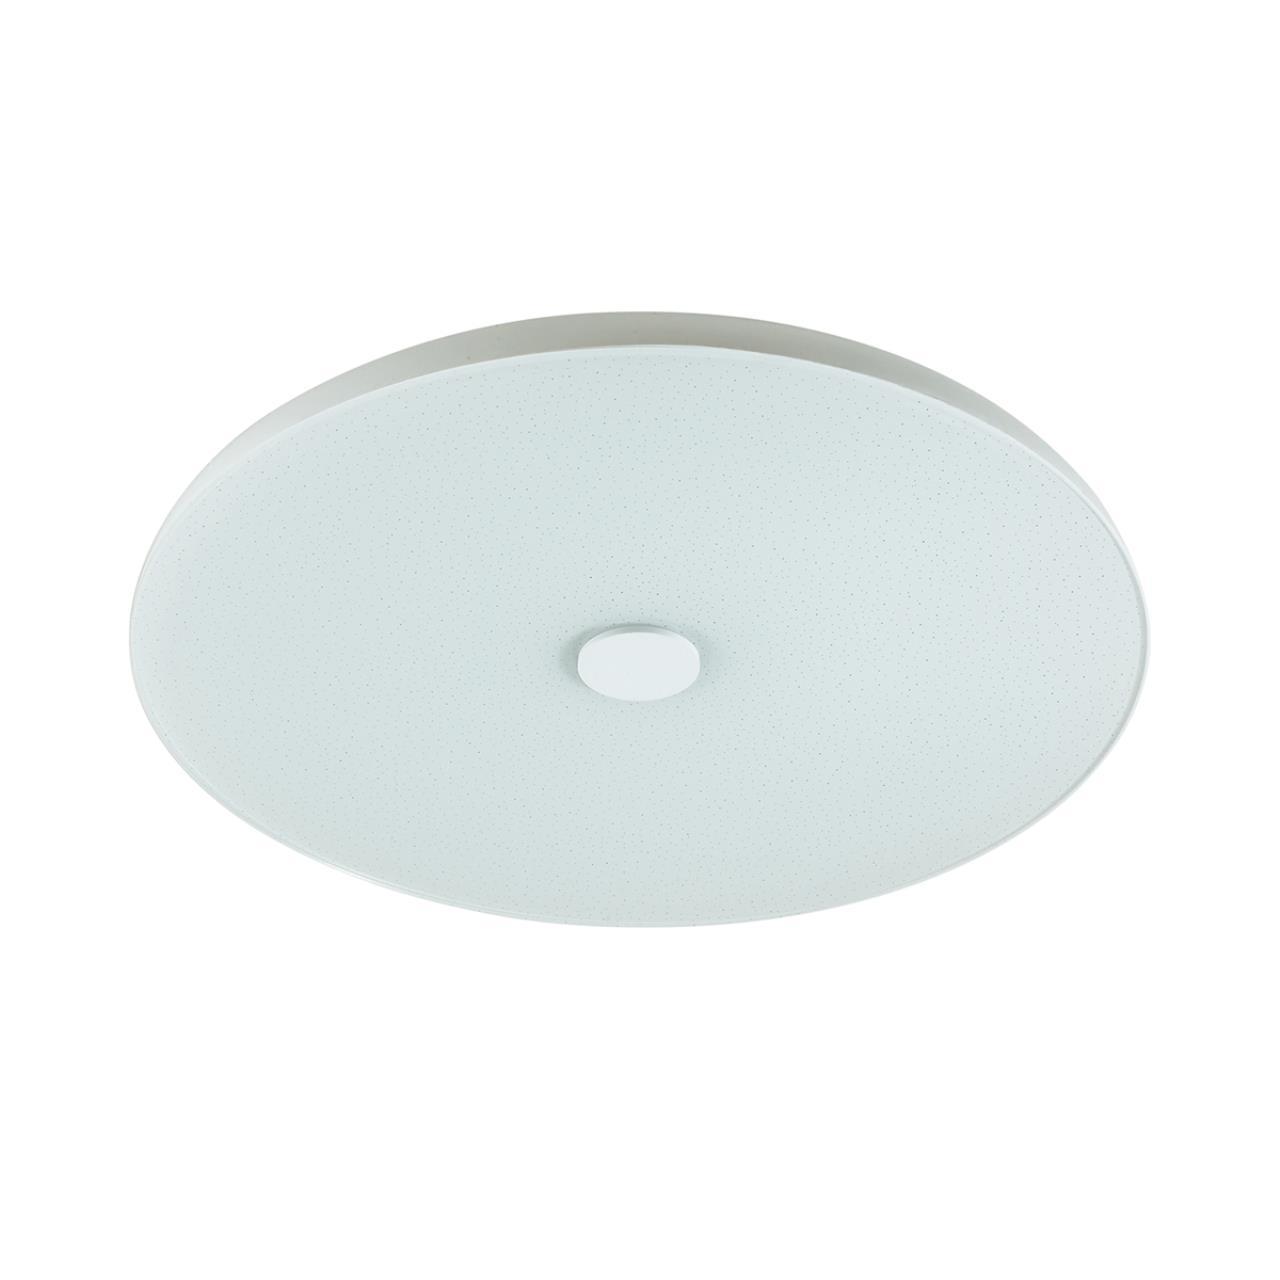 4629/DL VASTA LED SN 032 св-к ROKI muzcolor пластик LED 48Вт 3000-6500К D500 IP20 пульт ДУ/динамики